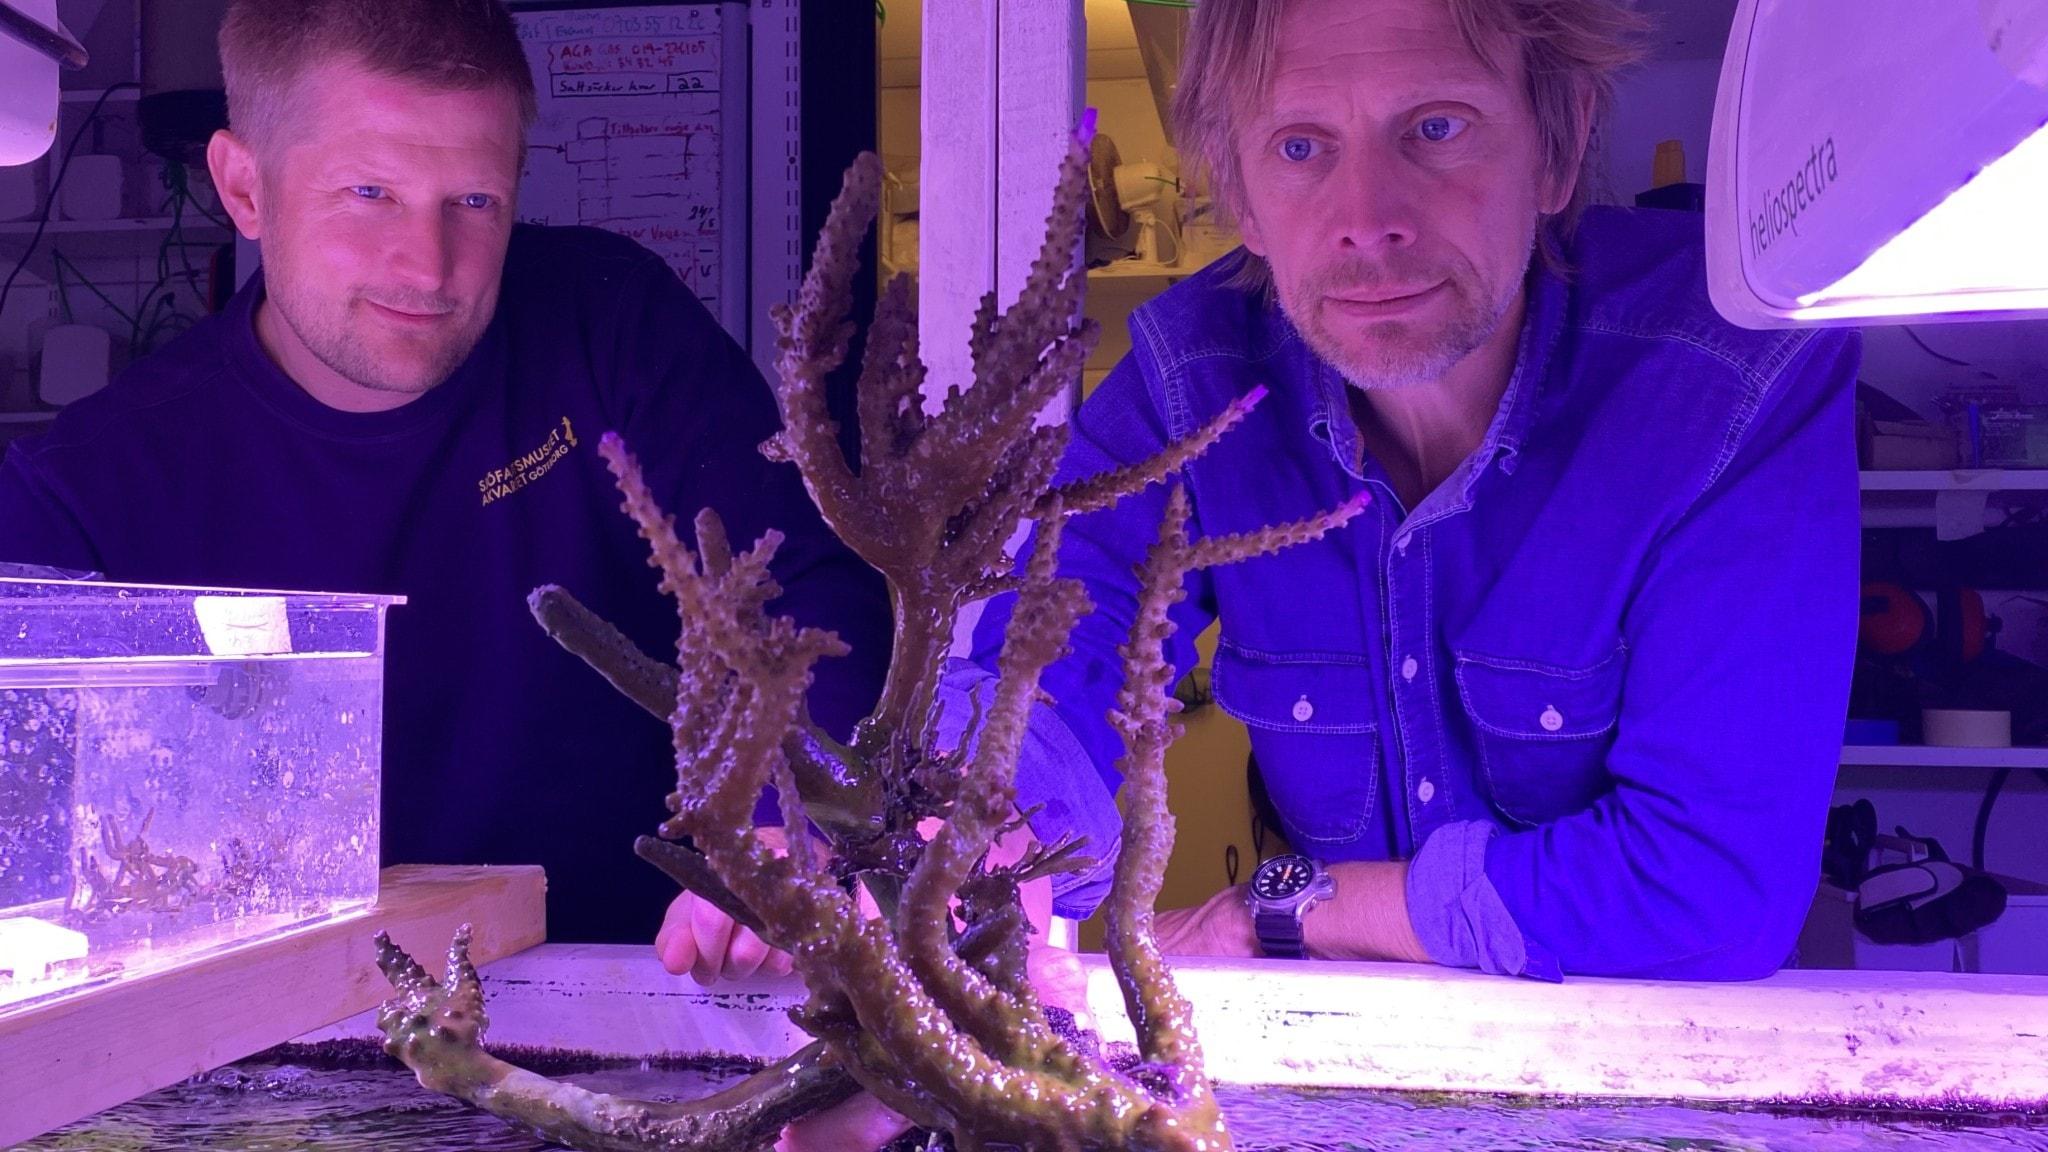 Två män i ett rosaaktigt ljus från speciallampor står vända mot kameran och tittar på en trädliknande korallformation som sticker upp ur ett akvarium.